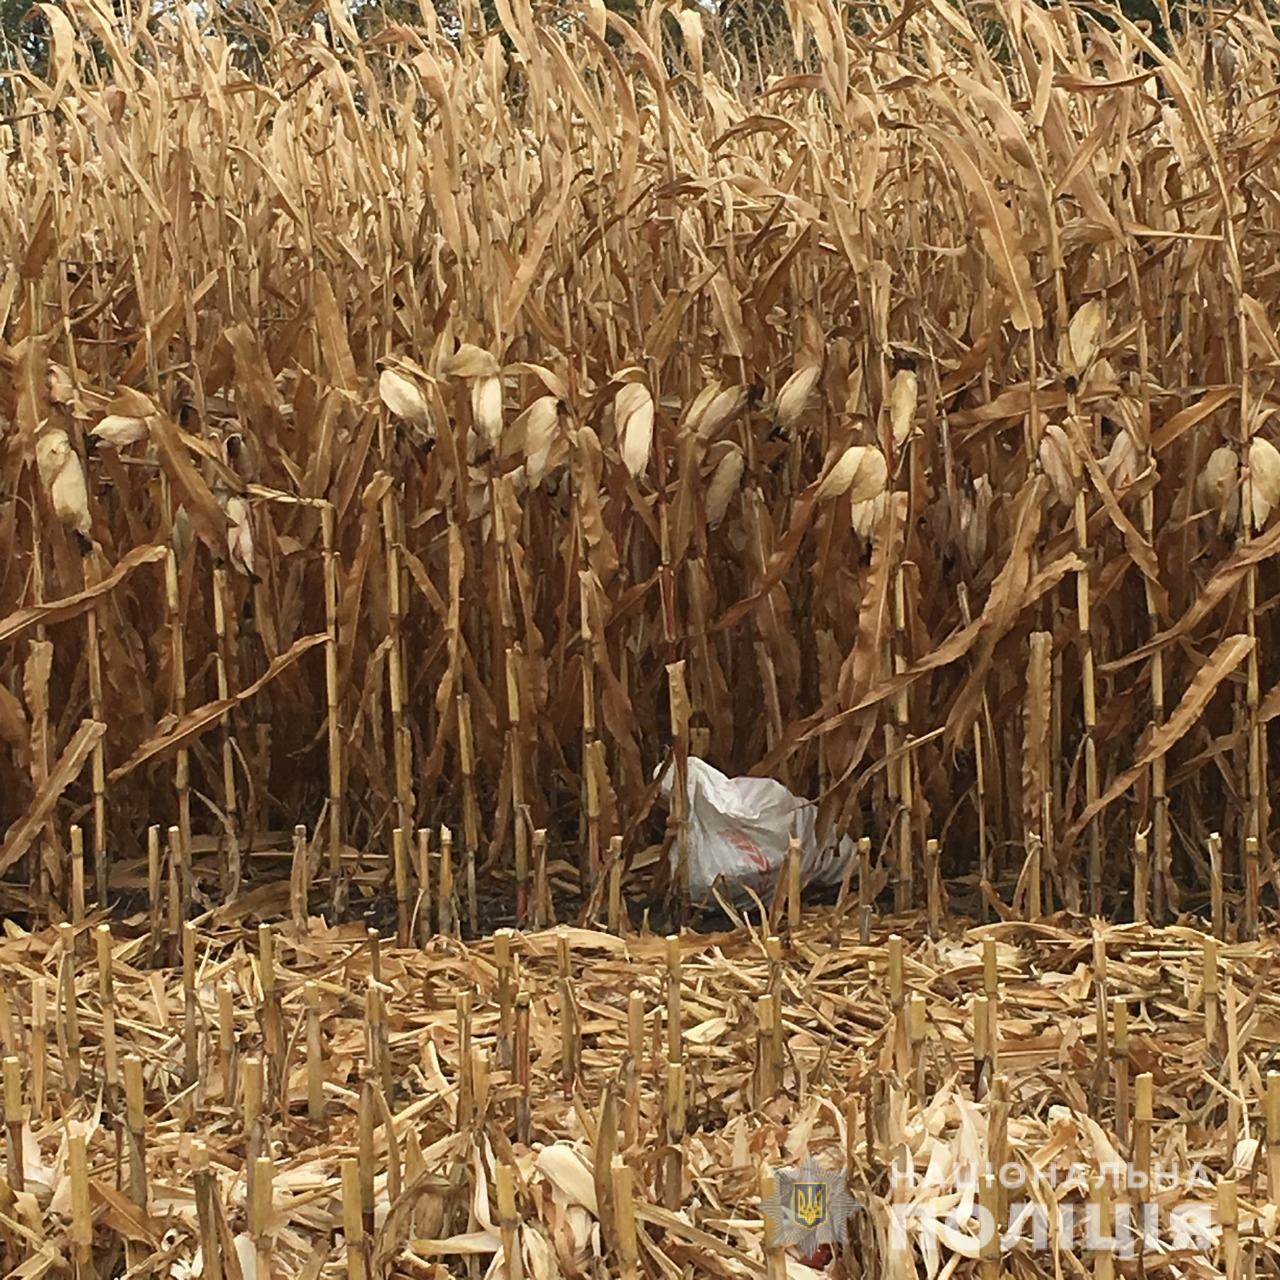 На Миронівщині затримано крадіїв кукурудзи -  - kukur2